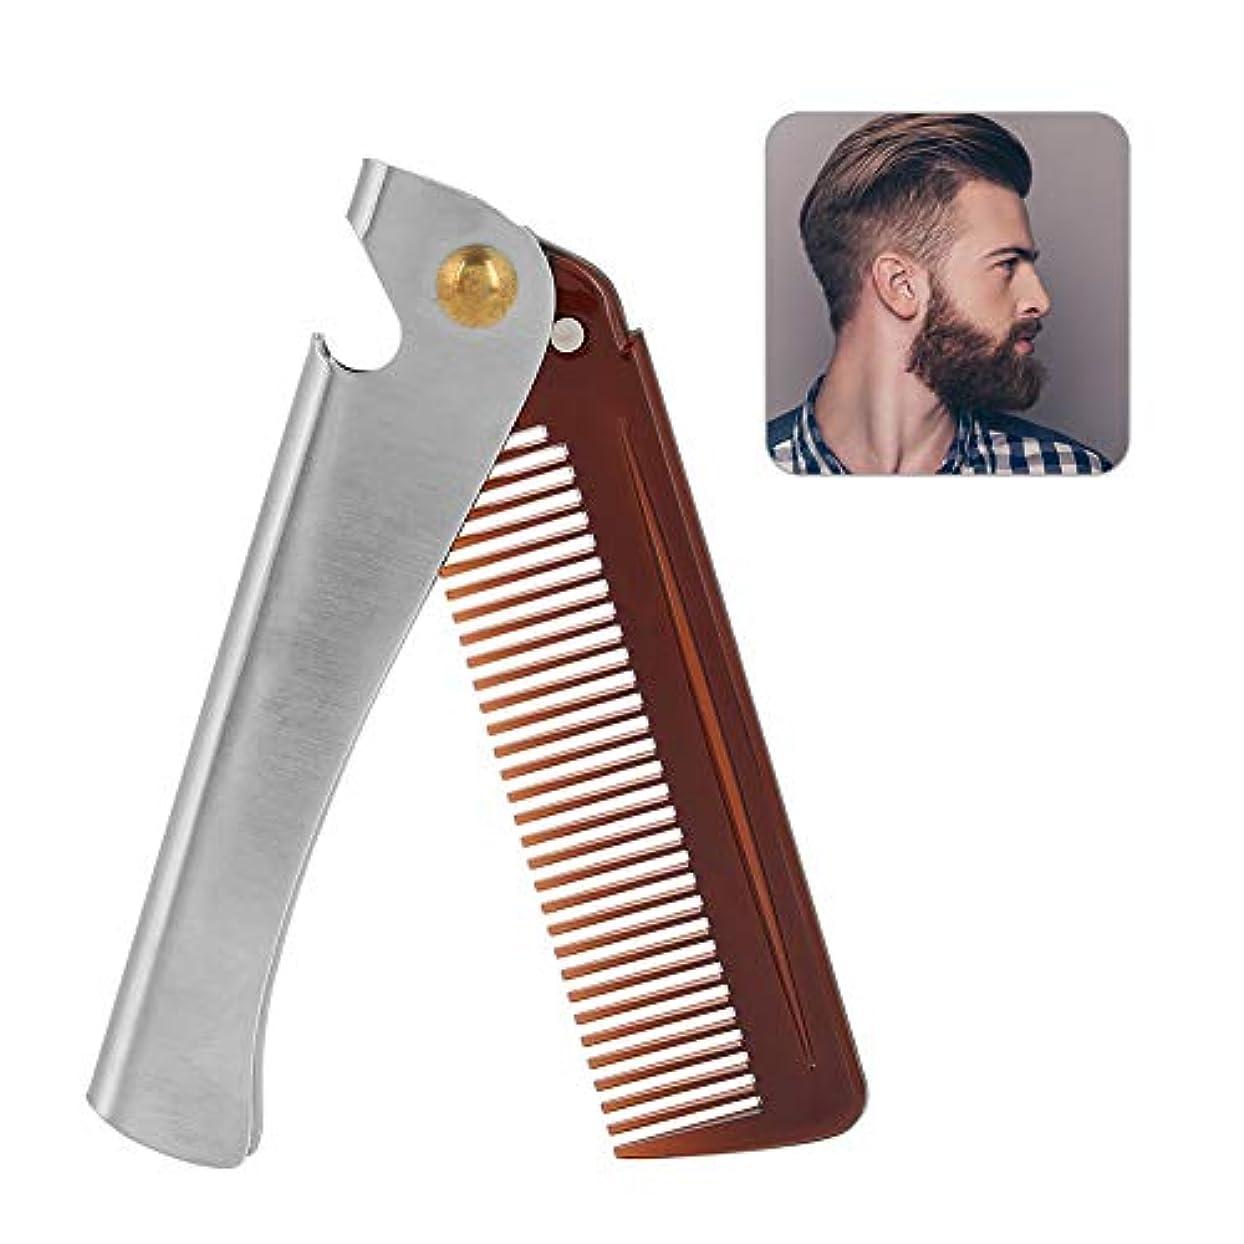 苦情文句一方、角度男性用のひげとヘアケア折りたたみ櫛と春押しボタン